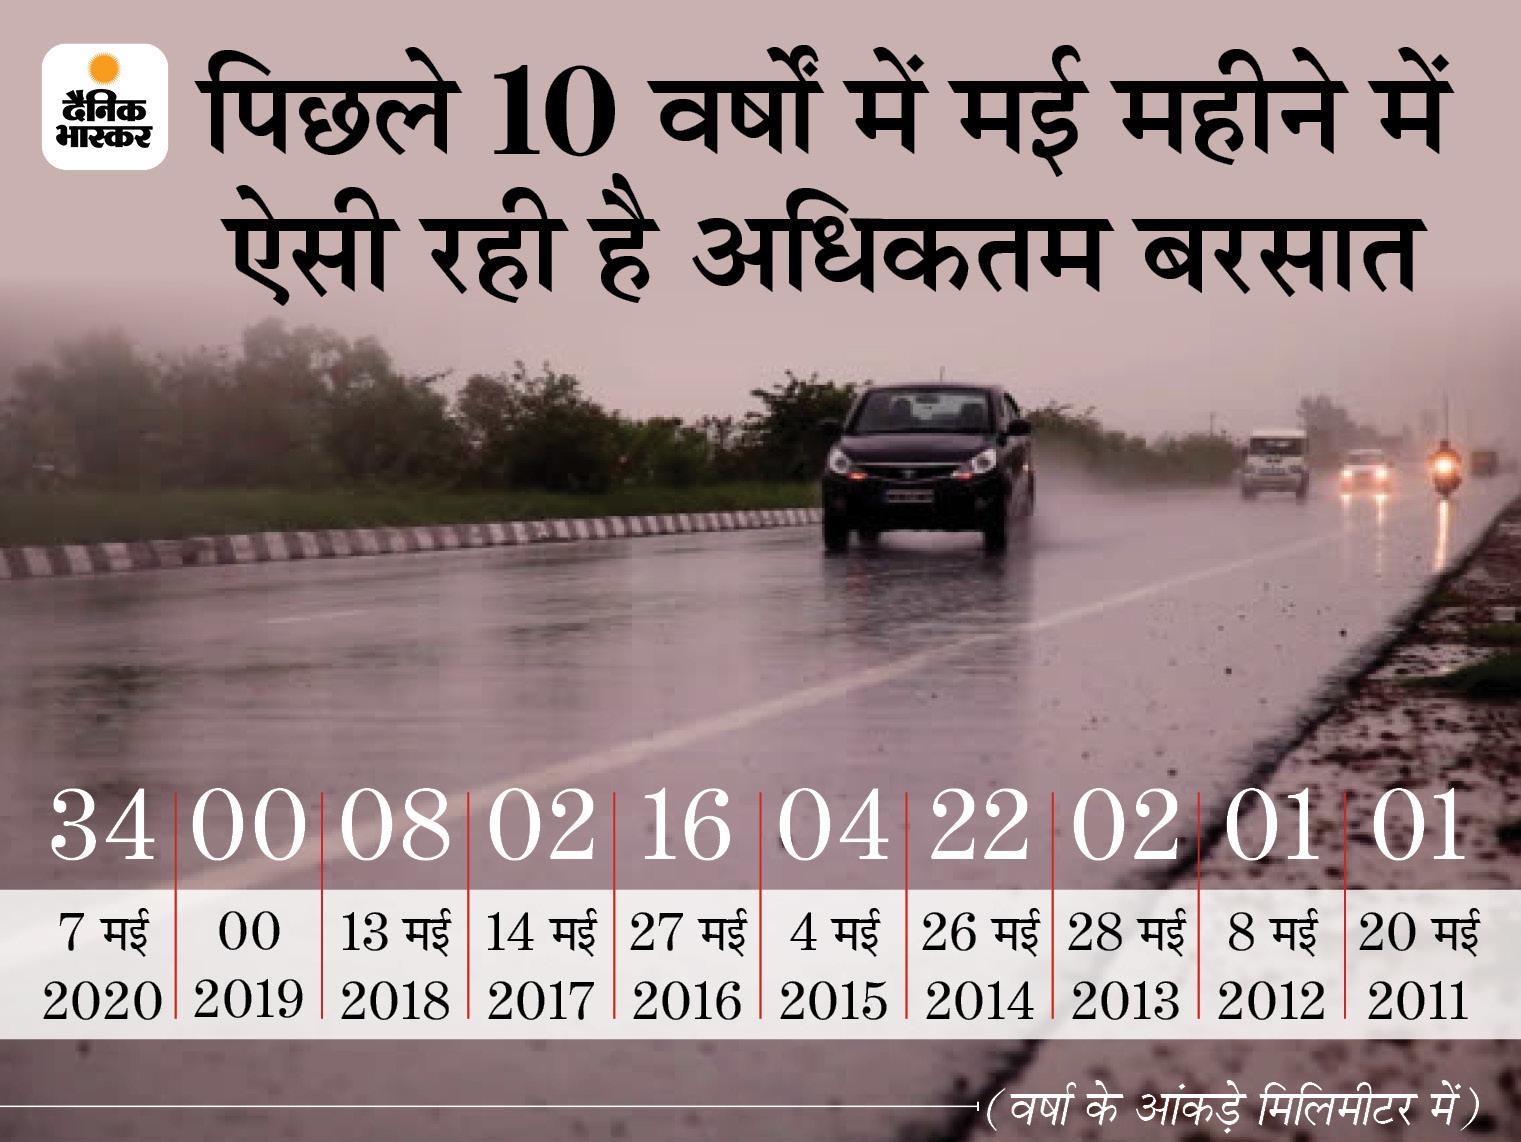 रायपुर में 57 मिलीमीटर बरसात हुई, आंधी-बारिश से गिरा पारा; गर्मी से मिली राहत रायपुर,Raipur - Dainik Bhaskar